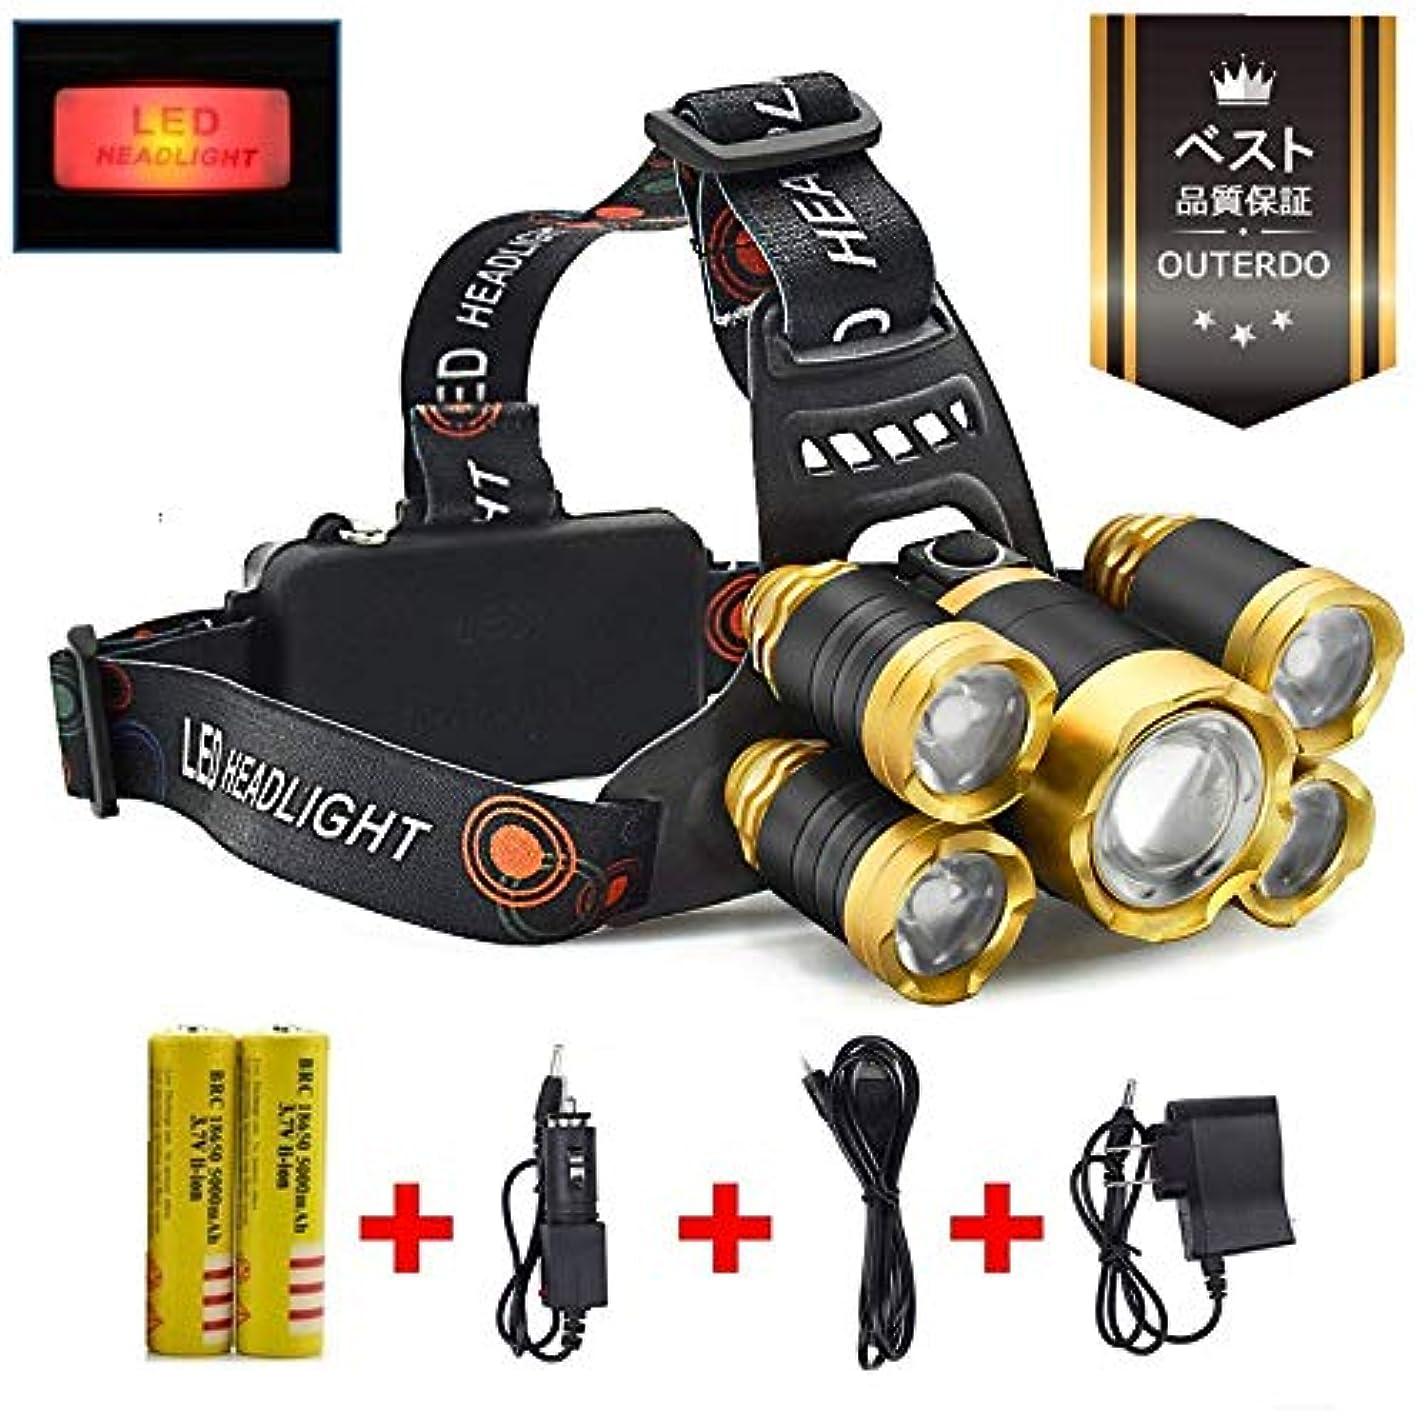 歩き回る余分なパンツ最新の LEDヘッドライト 10000ルーメン 超高輝度 充電式ヘッドライト 防災防犯 4種の発光モード アウトドア 釣り 登山適用 作業灯電池付属